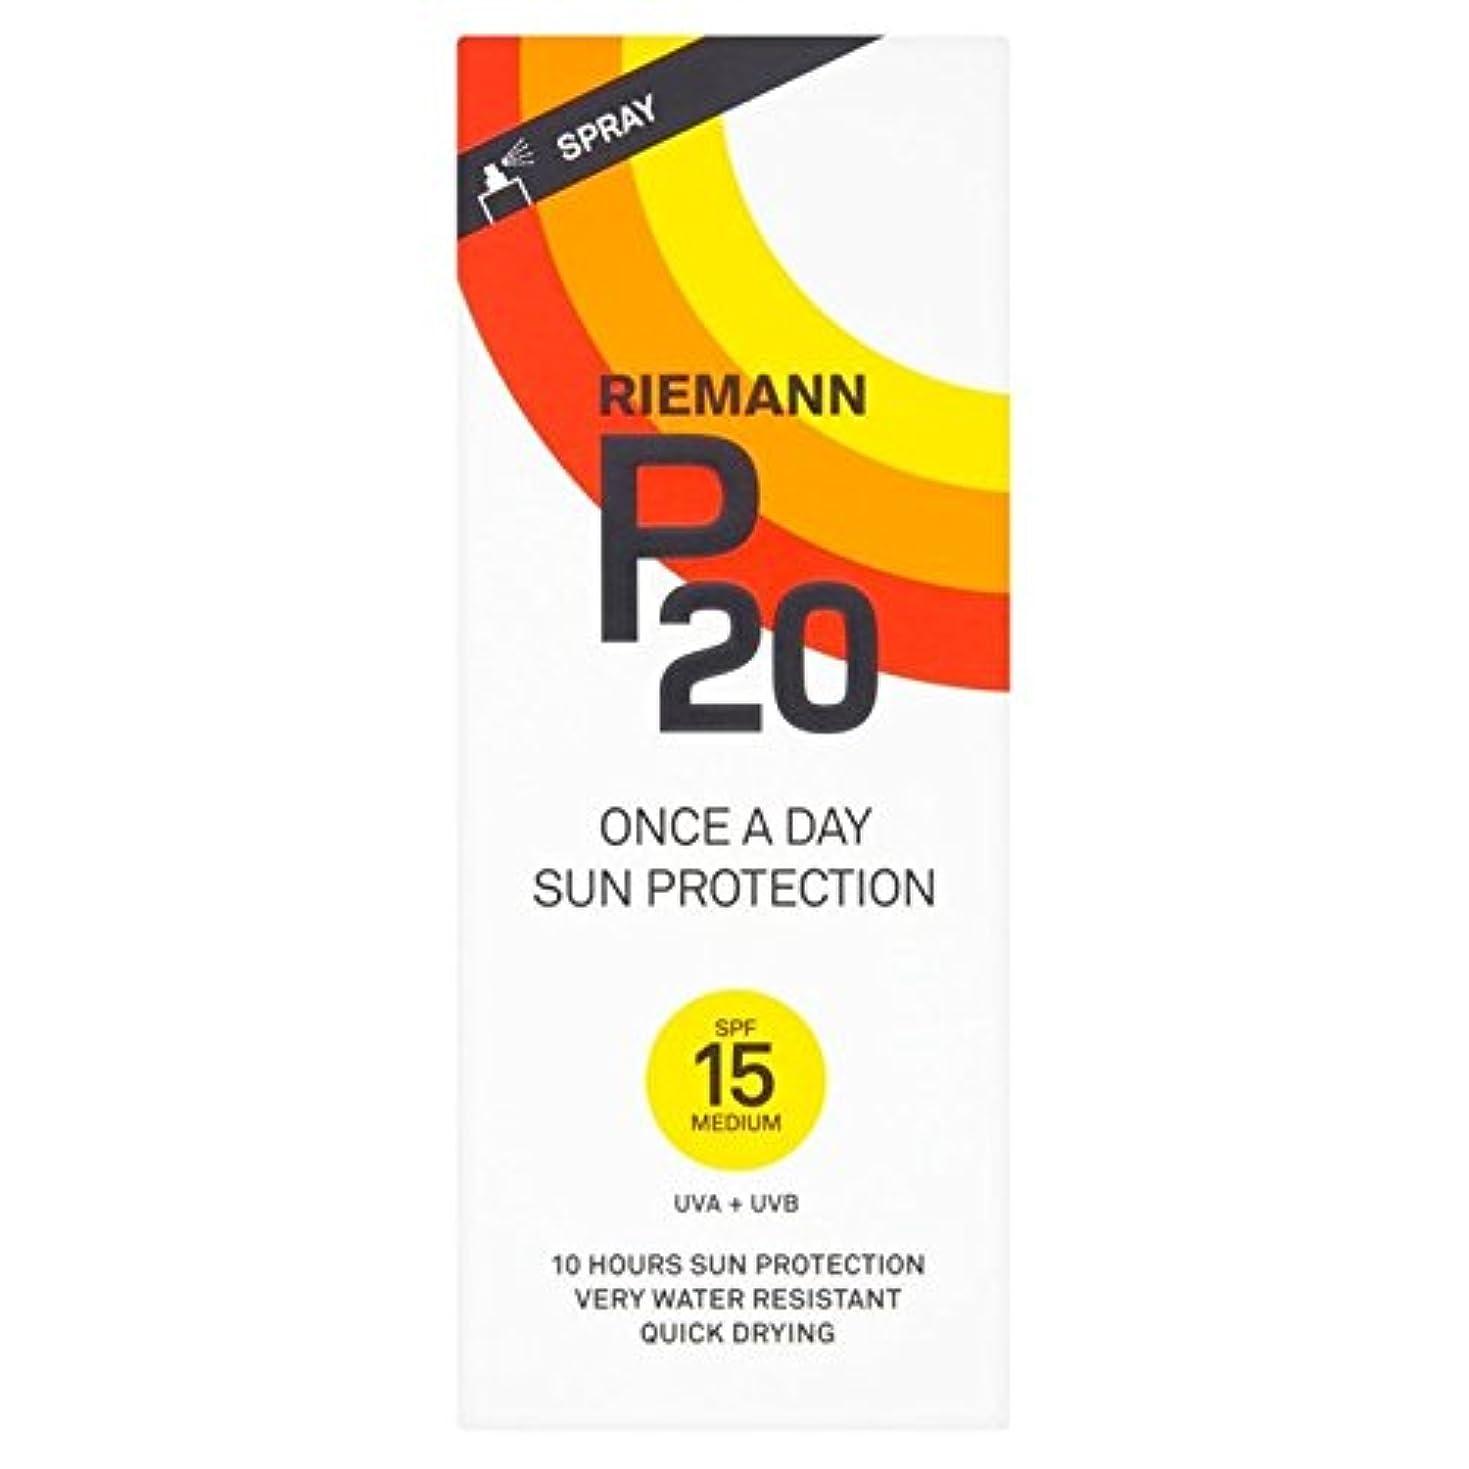 パワーセル人類フラップRiemann P20 SPF15 1 Day/10 Hour Protection 200ml - リーマン20 15 1日/ 10時間の保護200ミリリットル [並行輸入品]